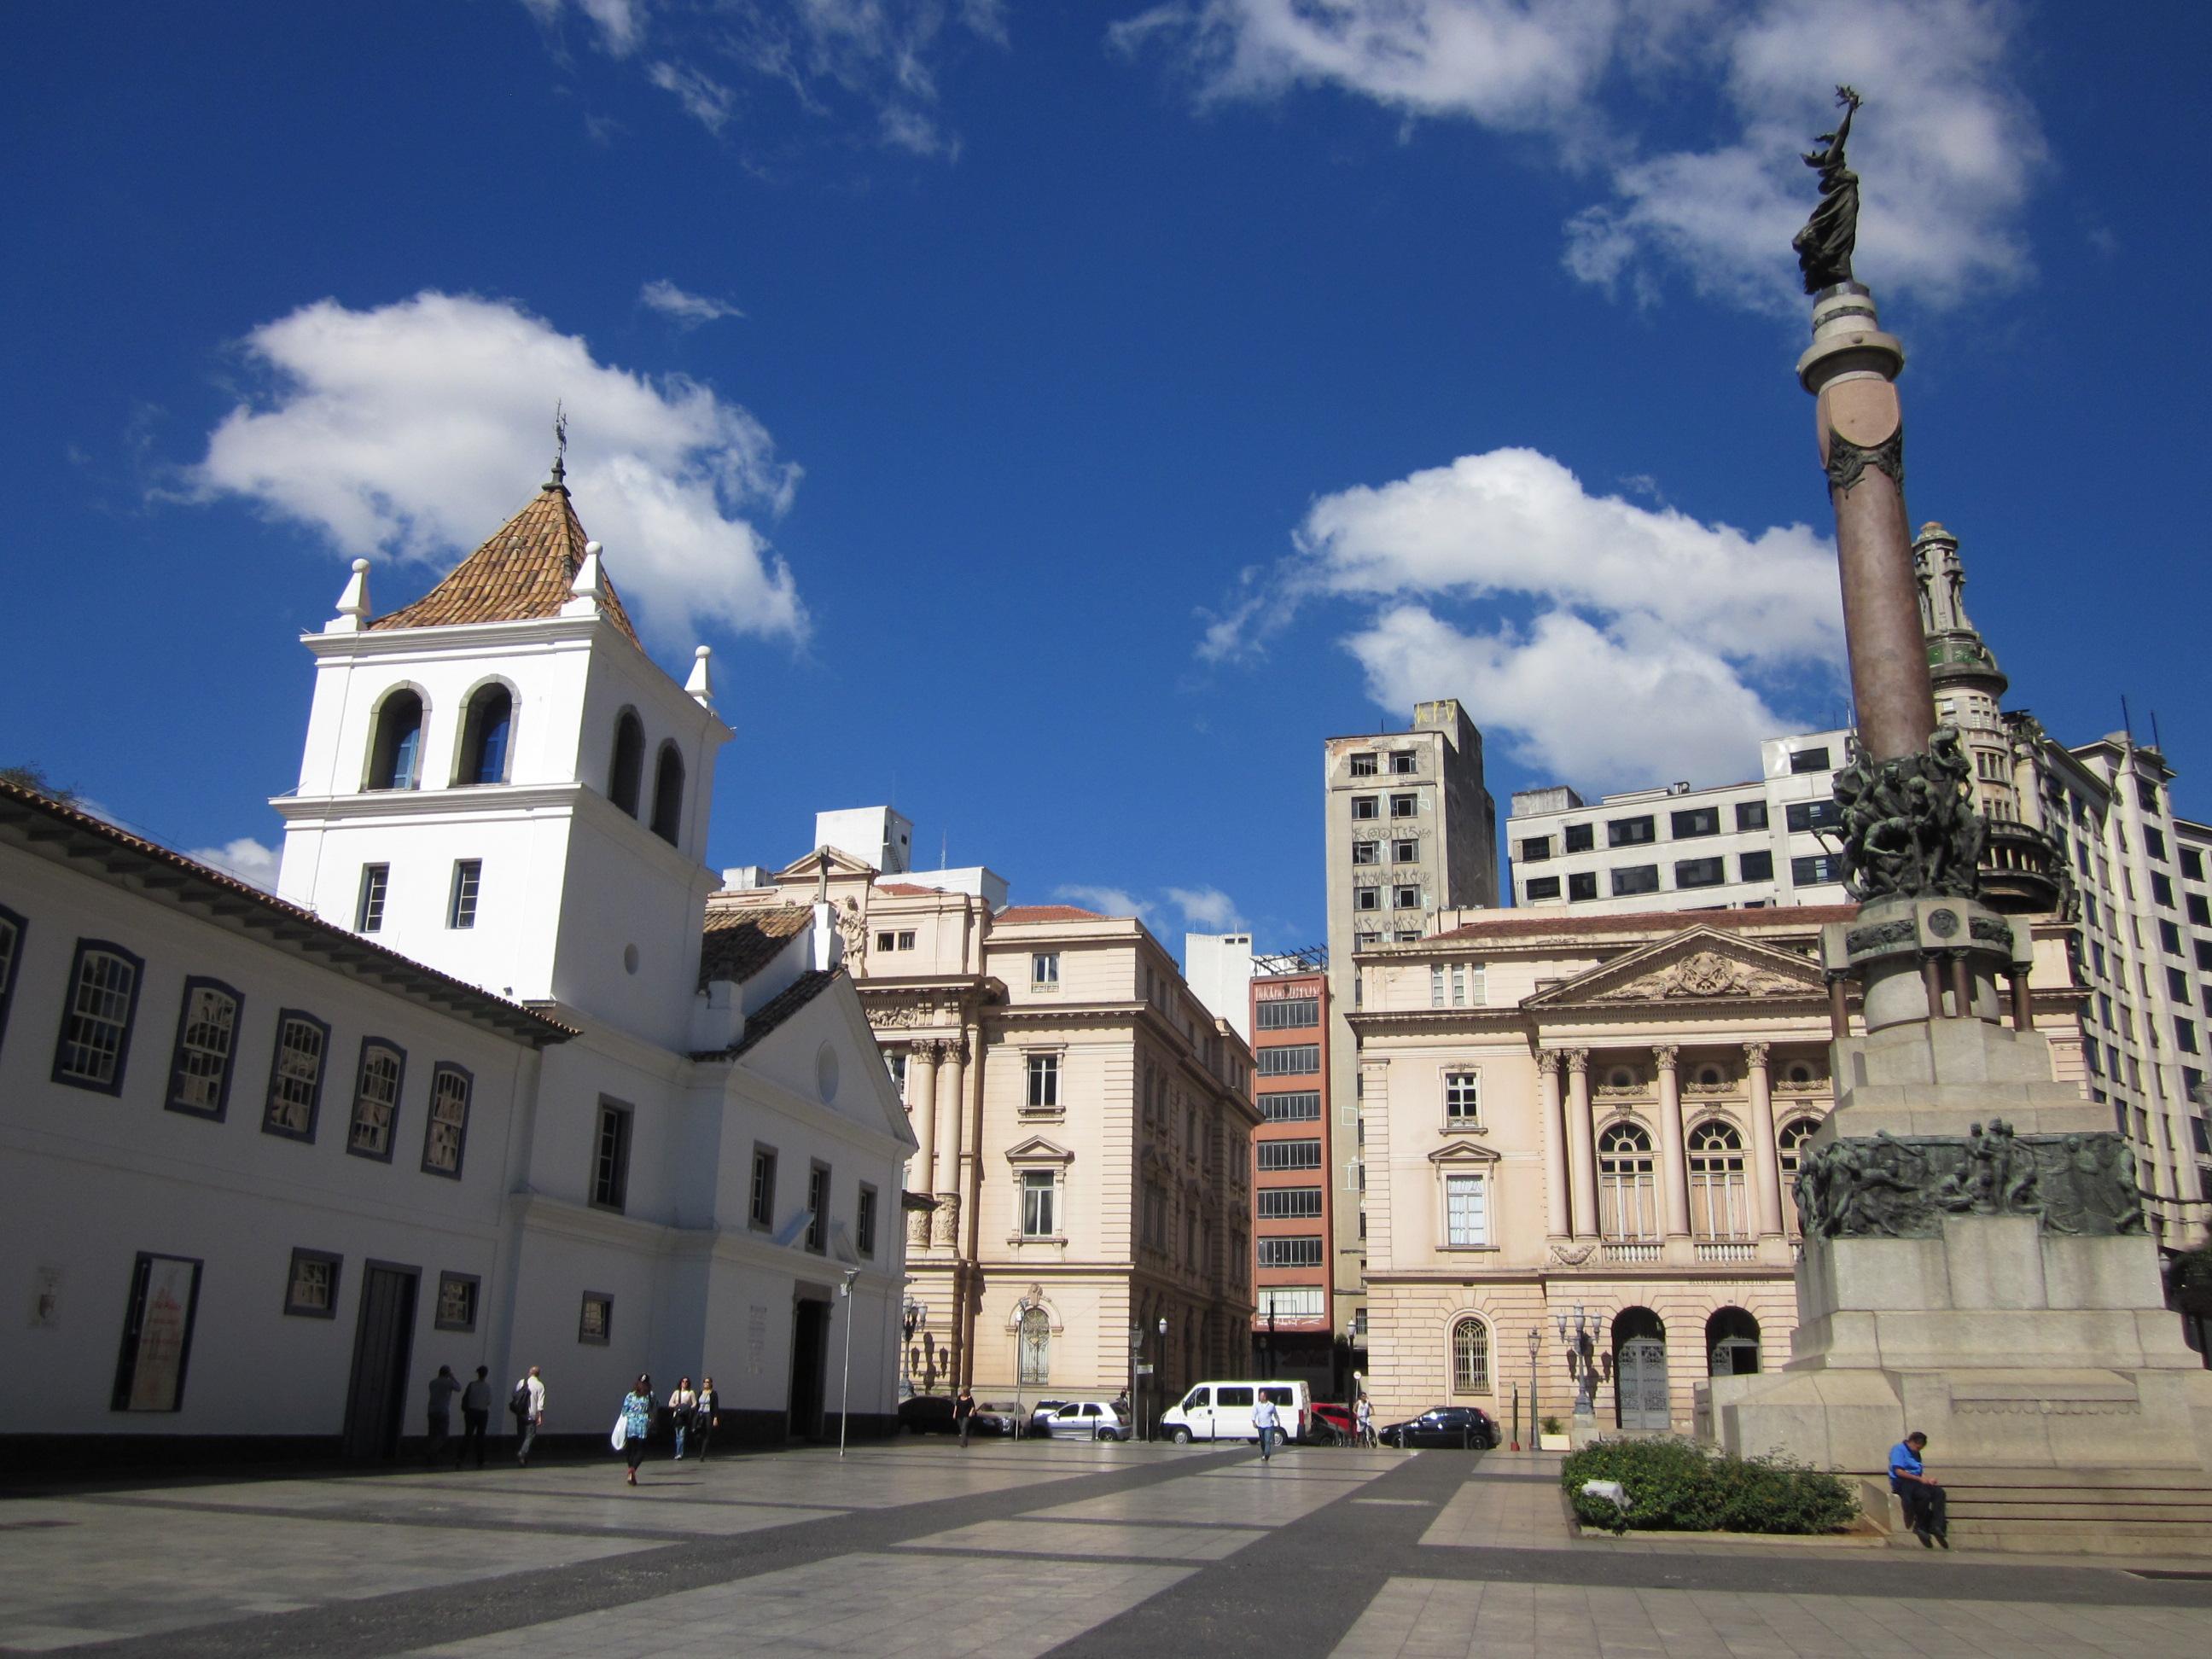 Páteo do Colégio (Antigo Colégio dos Jesuítas de São Paulo).